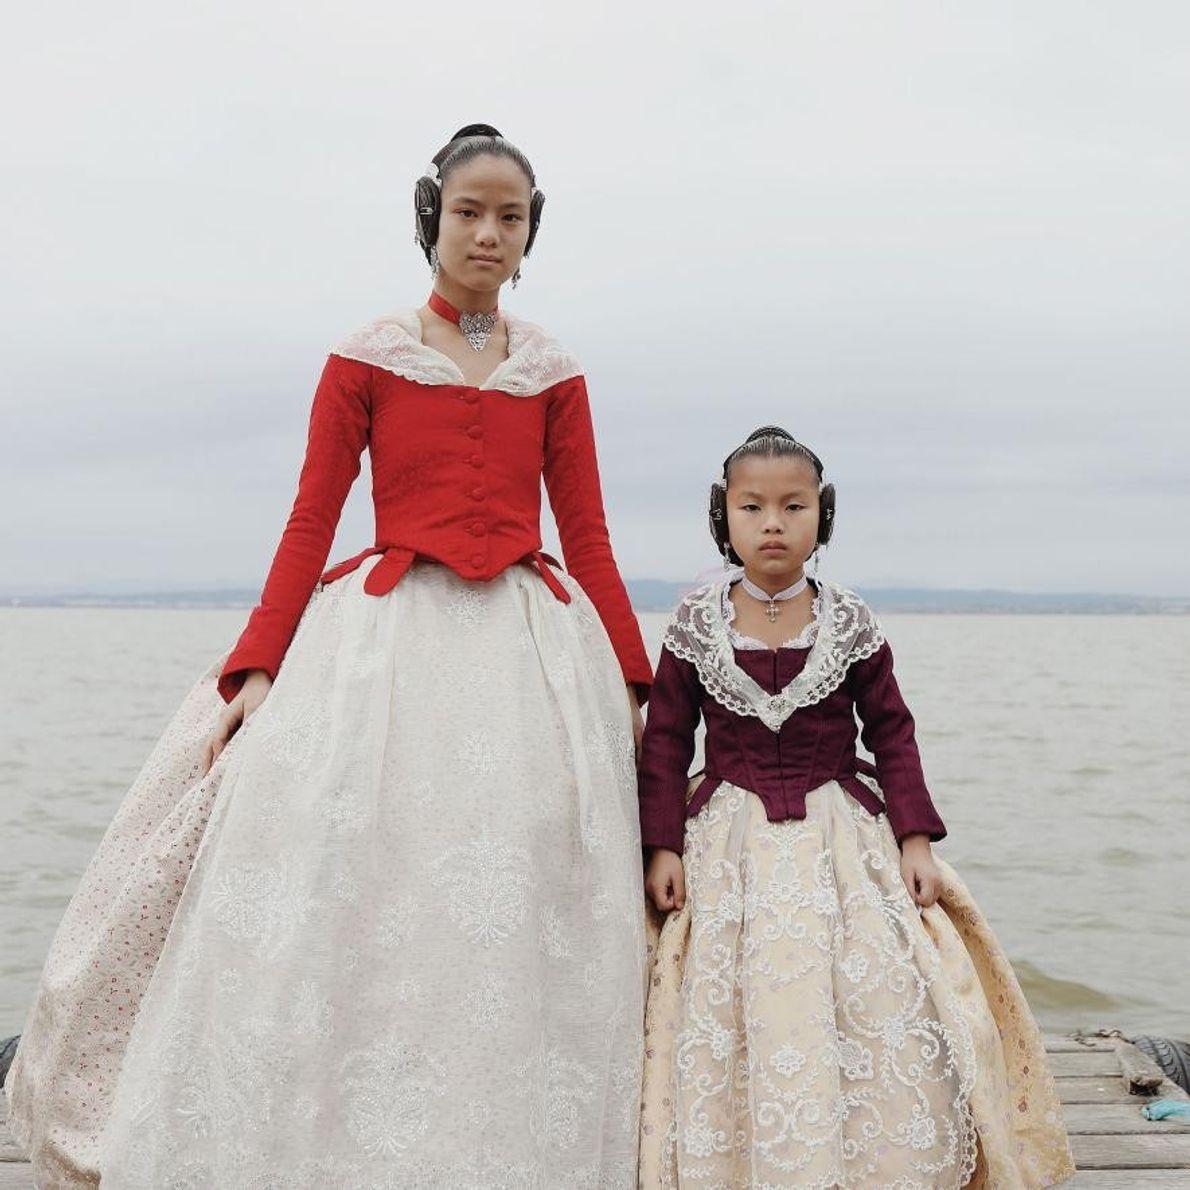 Vêtues de leur robe de fallera, Emma Xifeng Abril pose avec sa sœur, Eva Lanhan Abril. ...